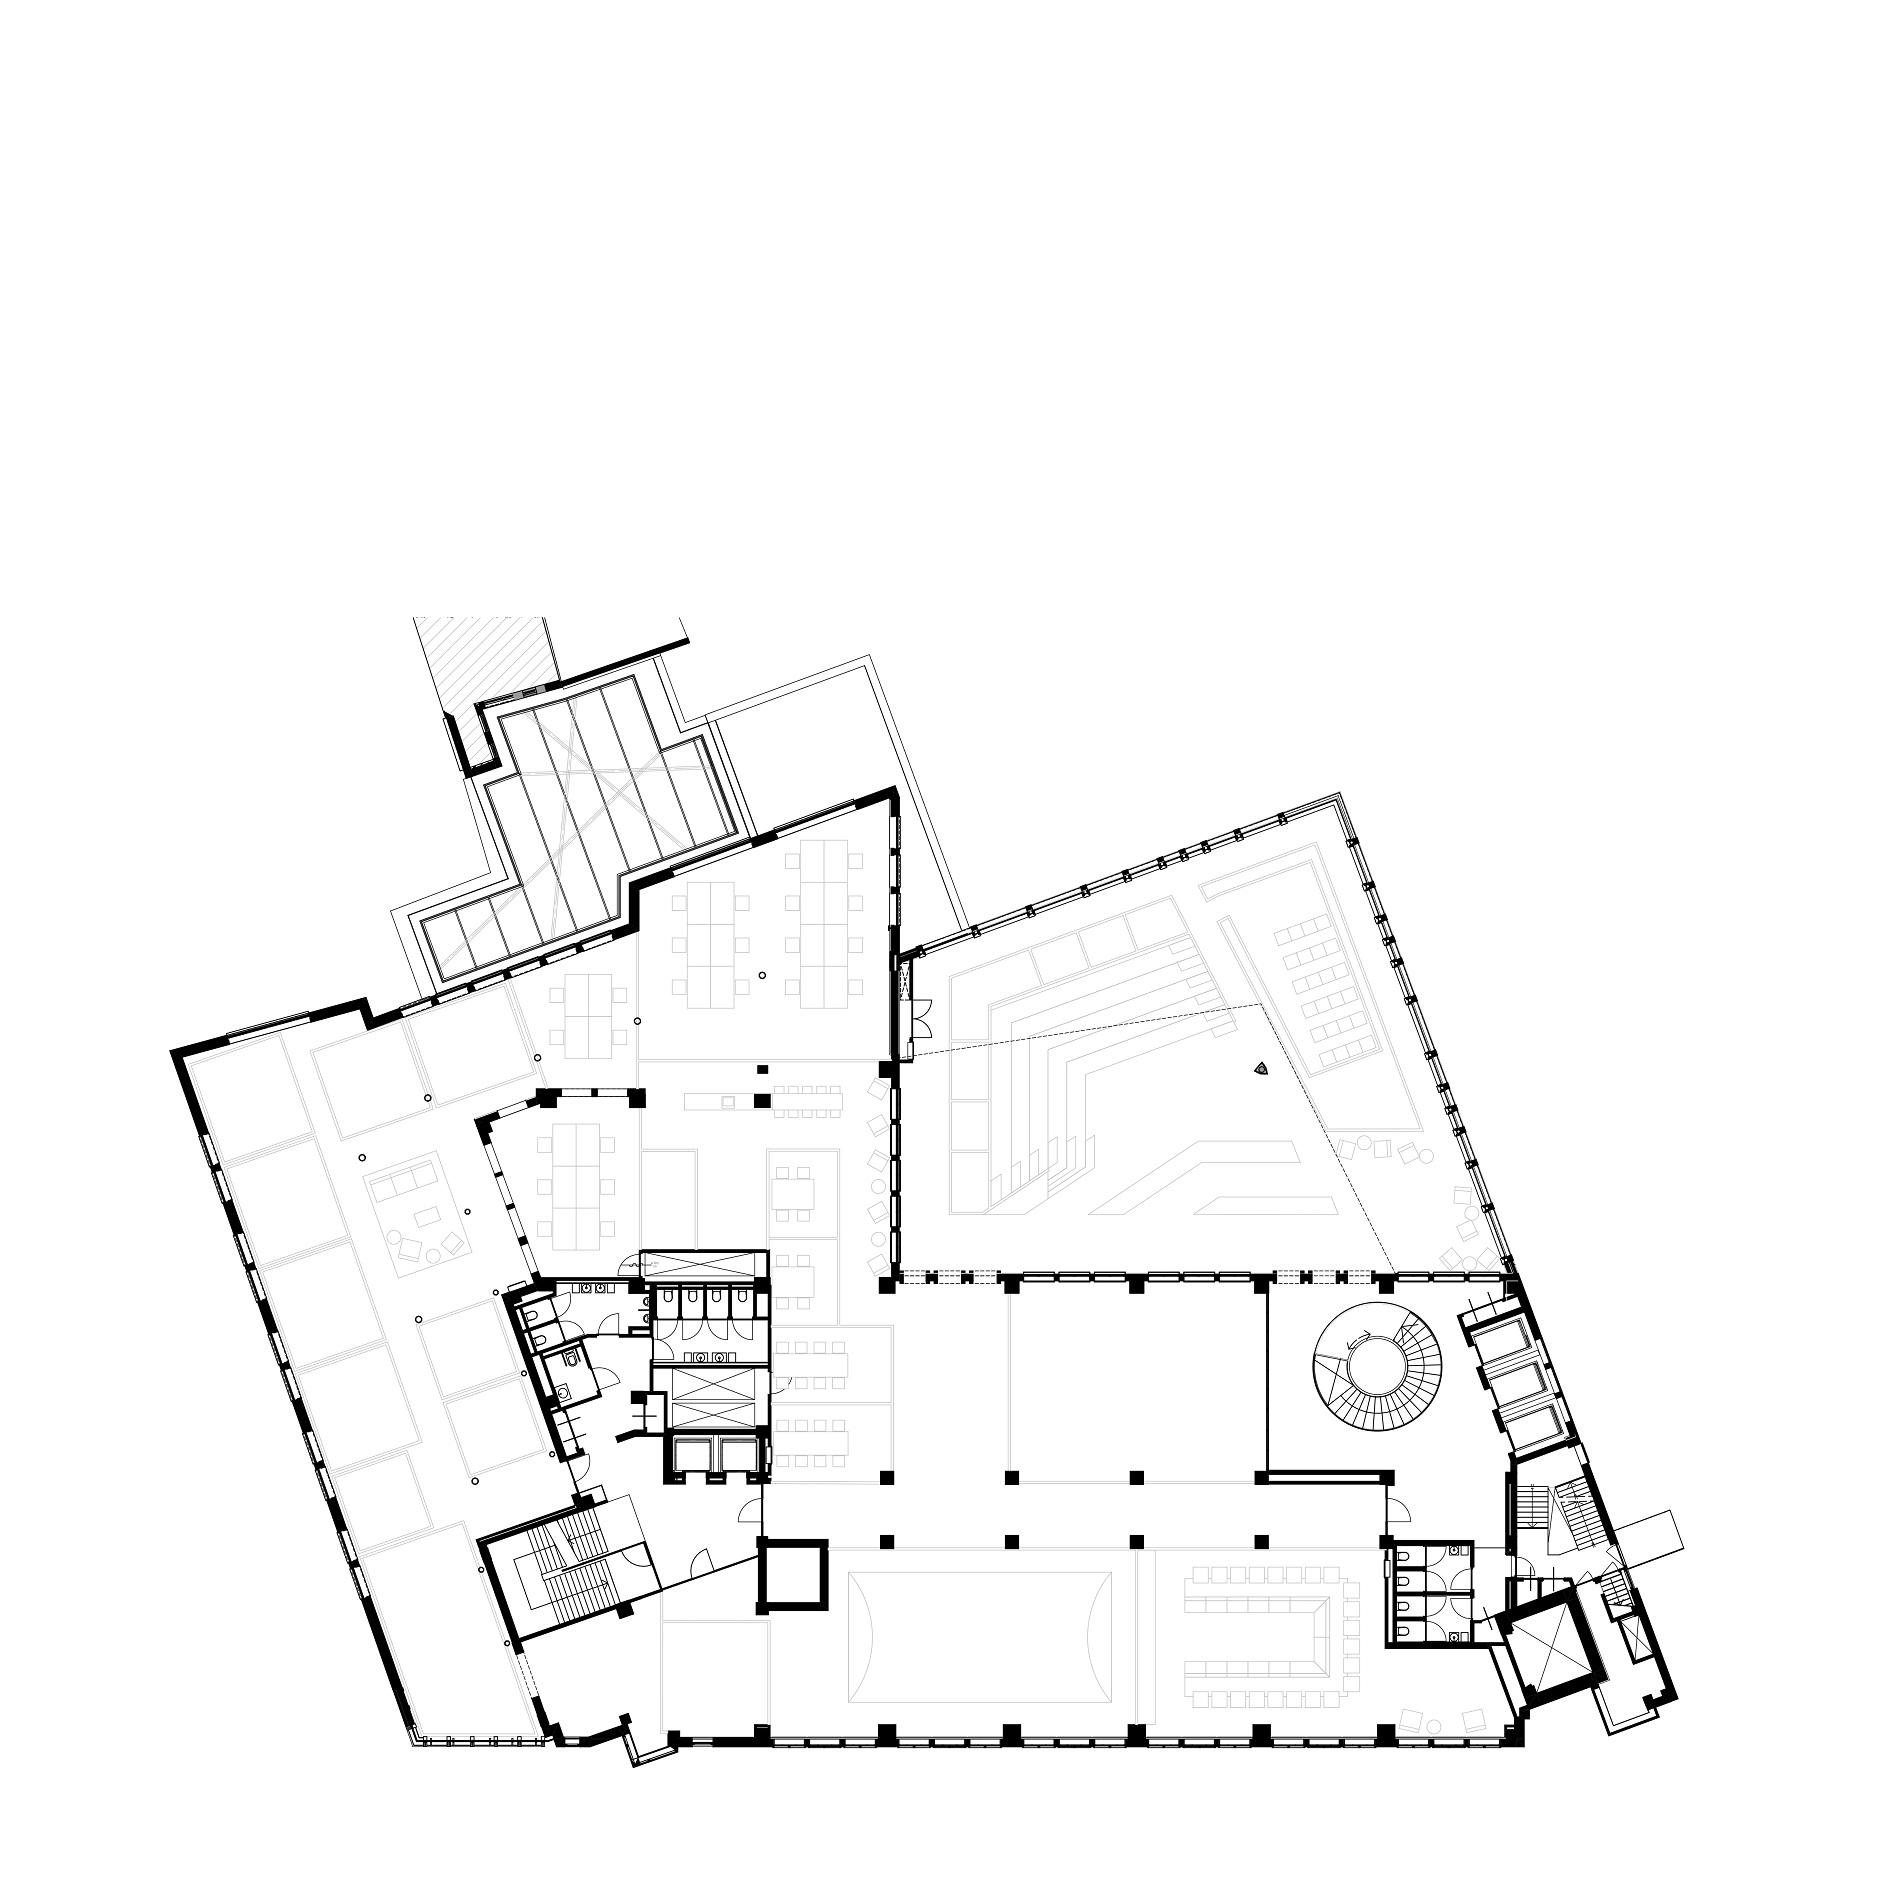 Plattegrond 1e verdieping van Nieuwezijds Voorburgwal 225 door Rijnboutt